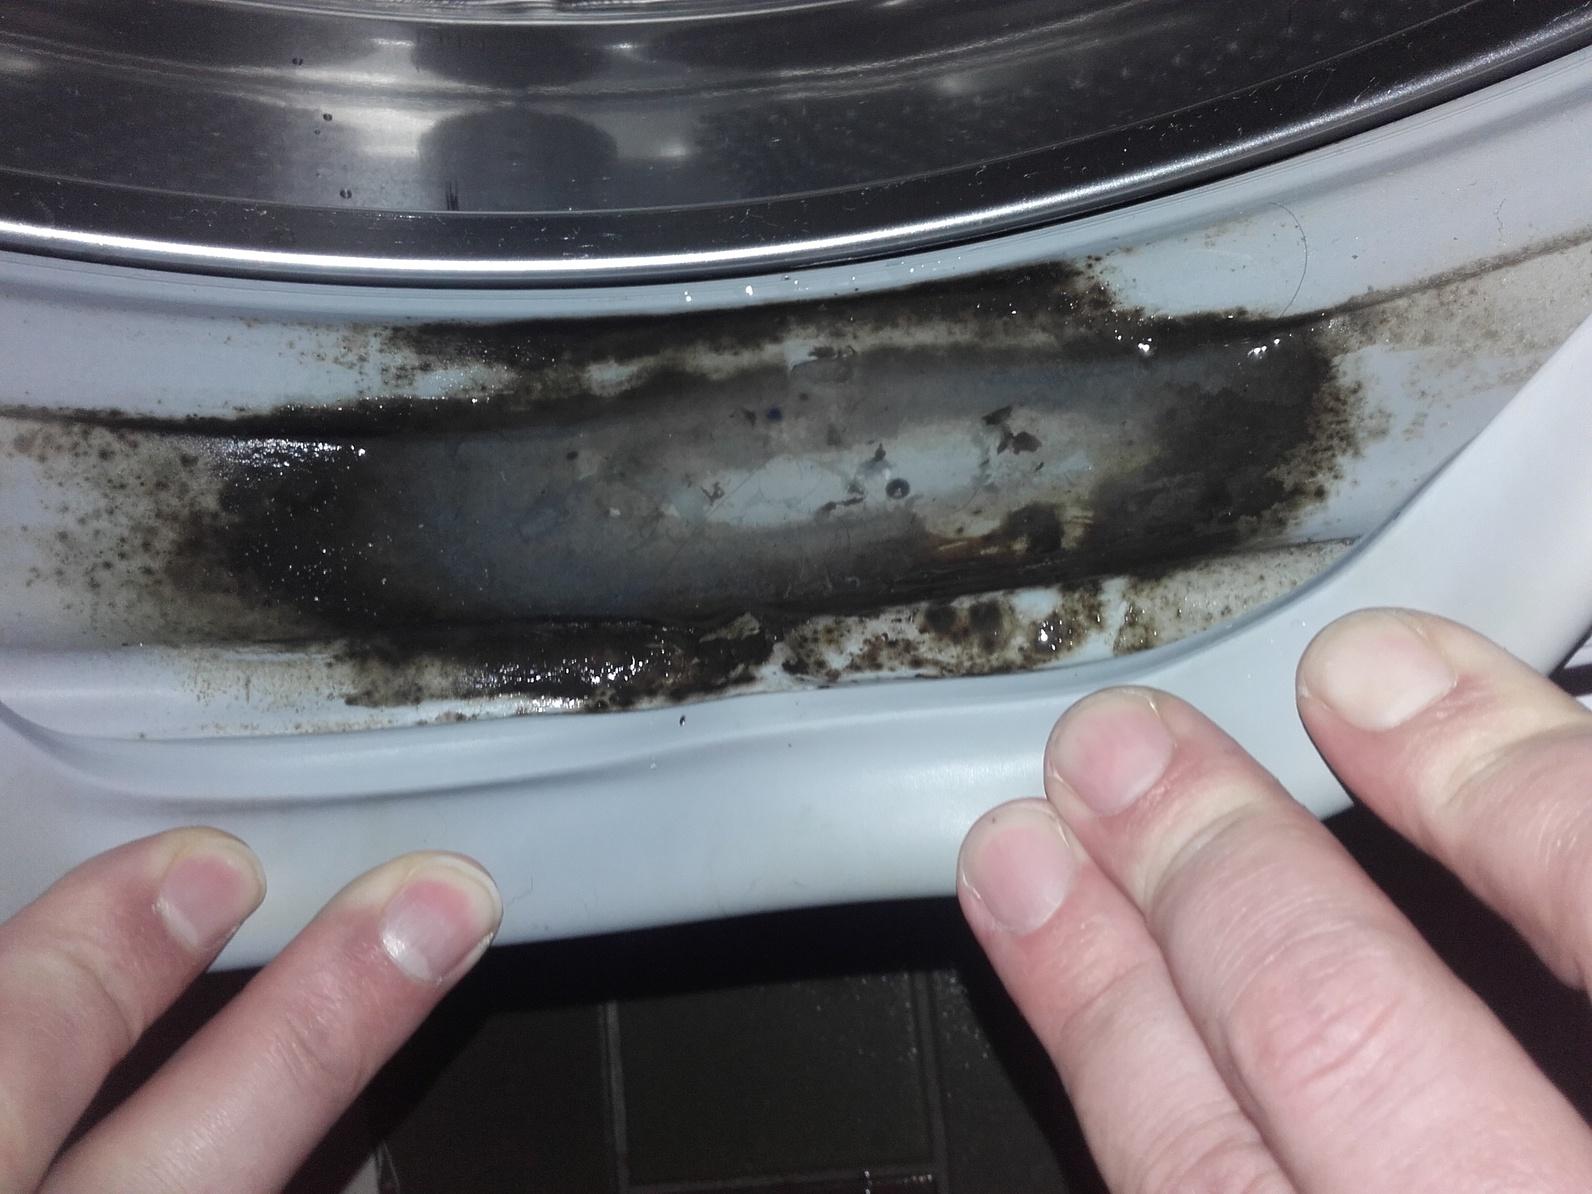 Waschmaschine Geruch neue waschmaschine stinkt was tun